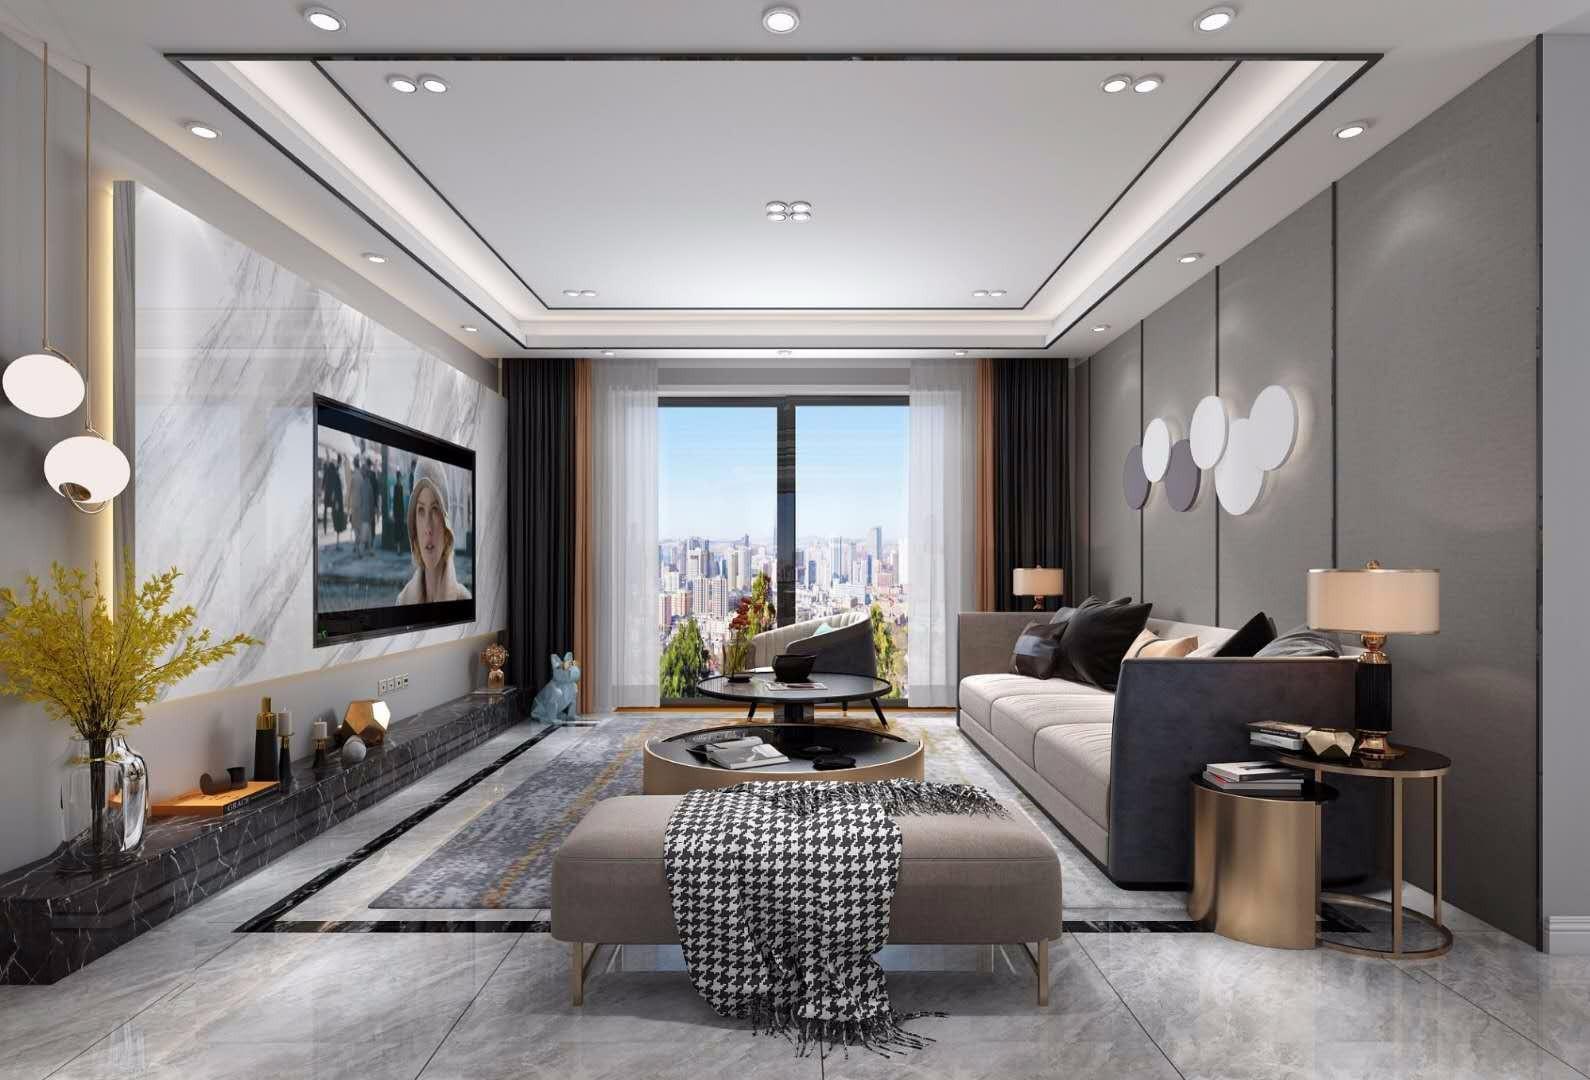 2020現代簡約150平米效果圖 2020現代簡約套房設計圖片